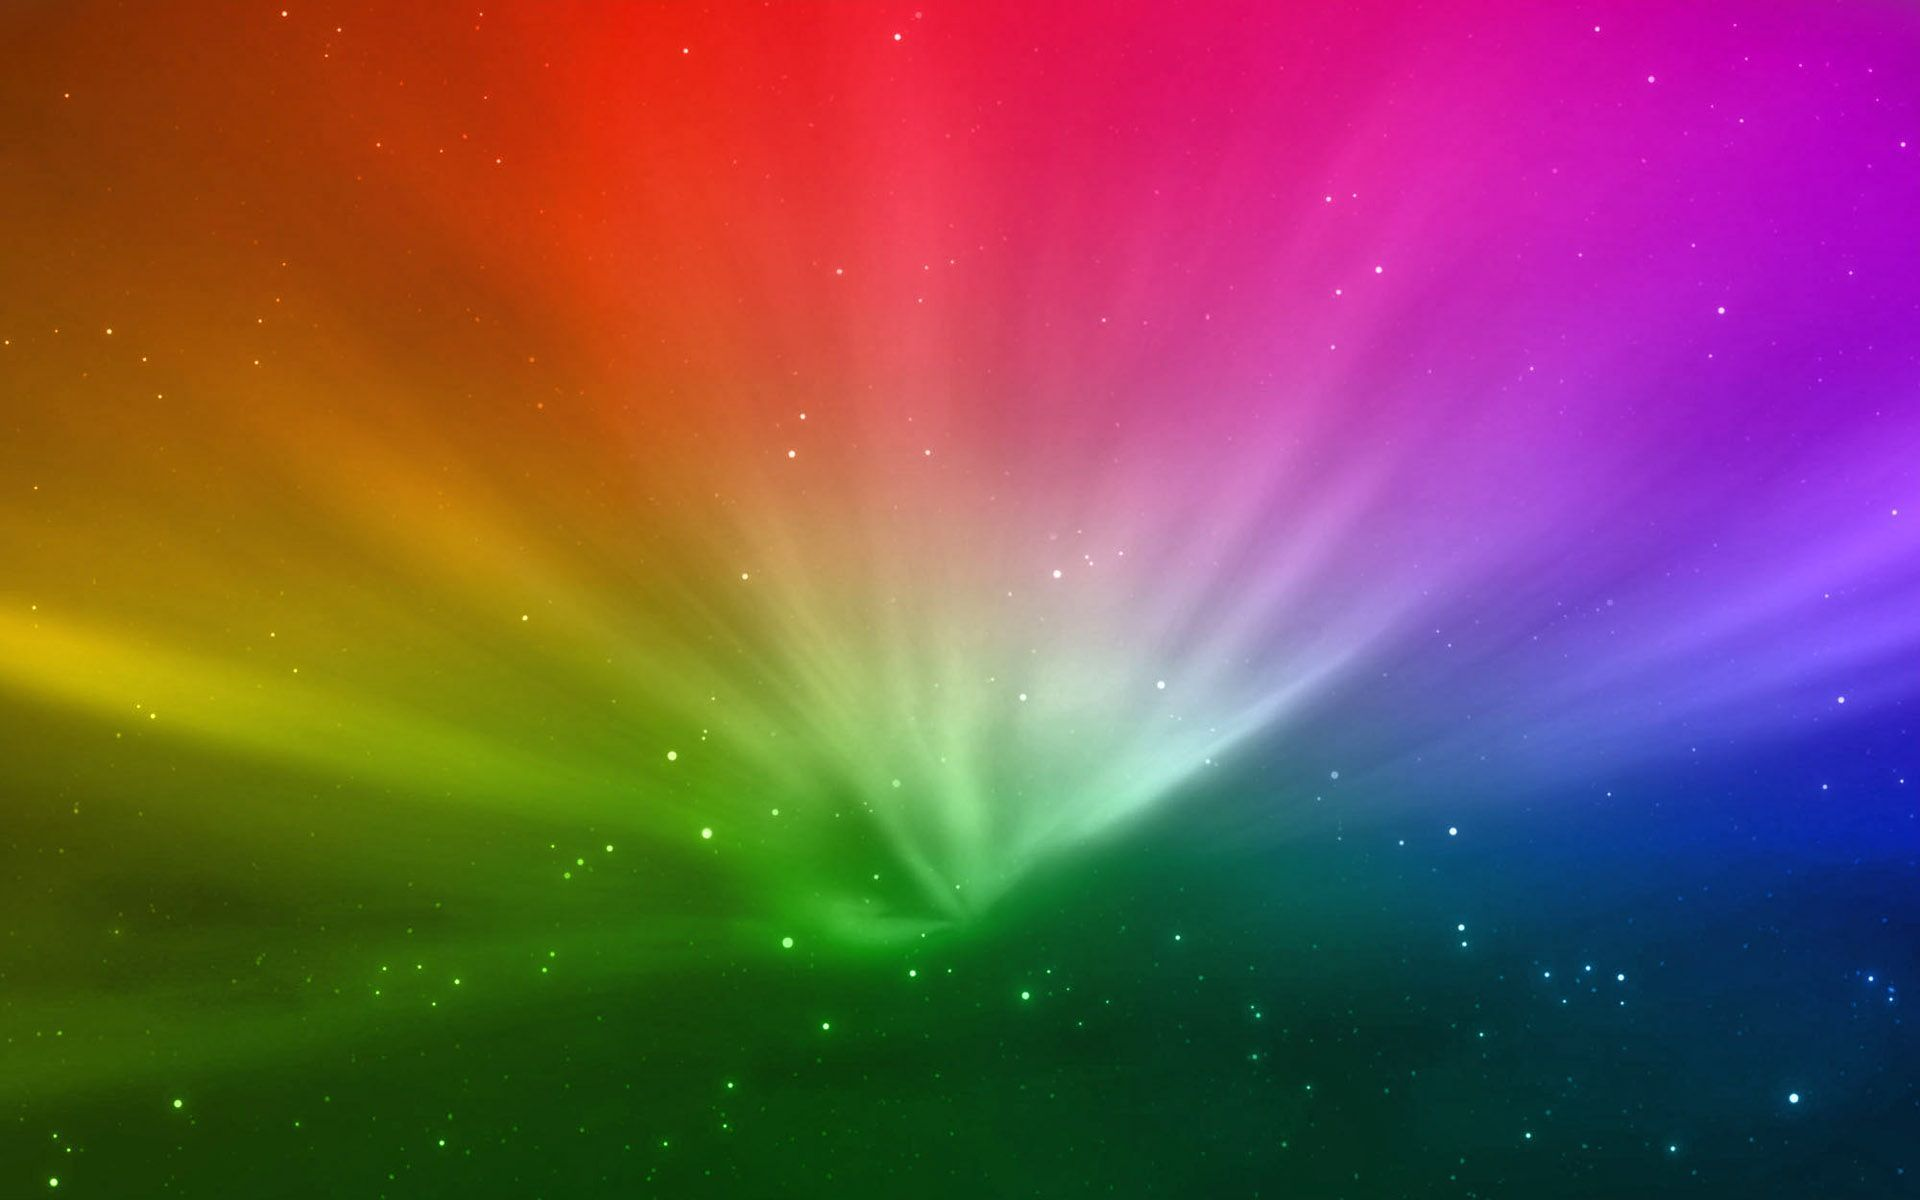 Pin On Rainbow Haven